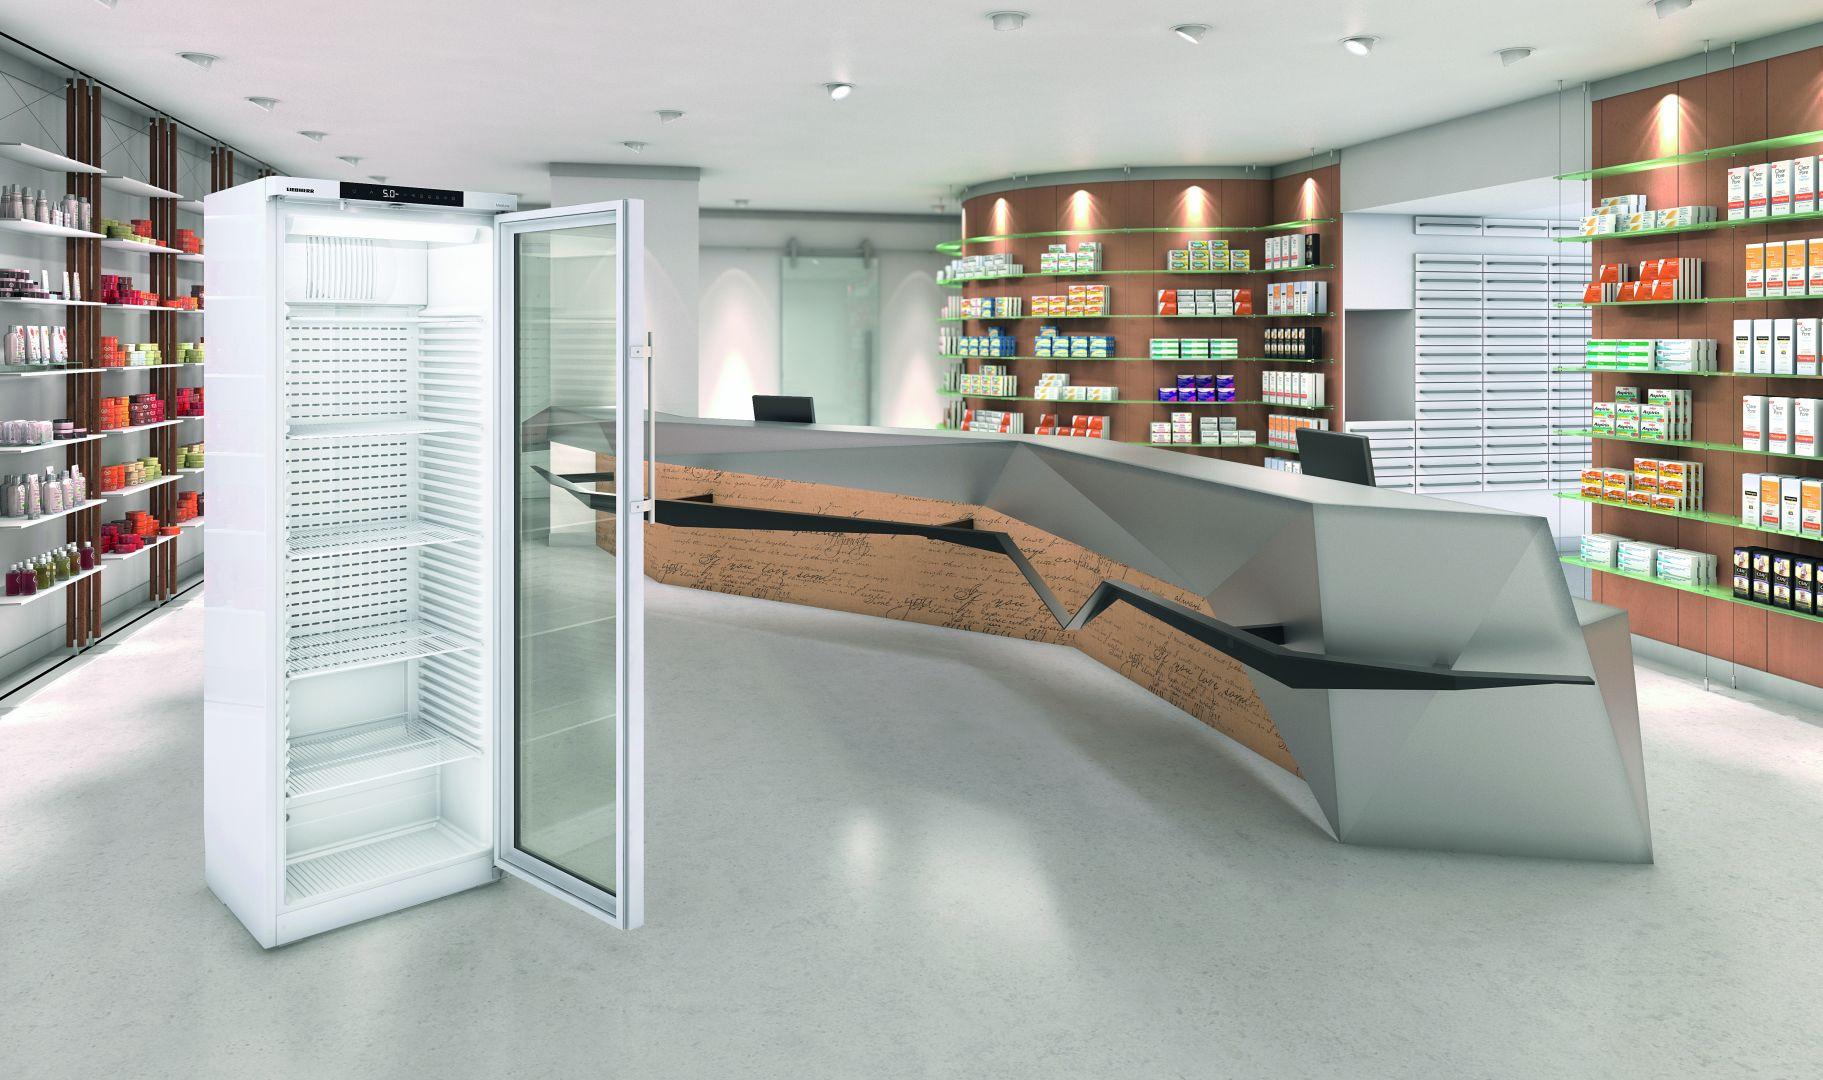 Liebherr Medizinkühlschrank MKv 3913 Im Einsatz